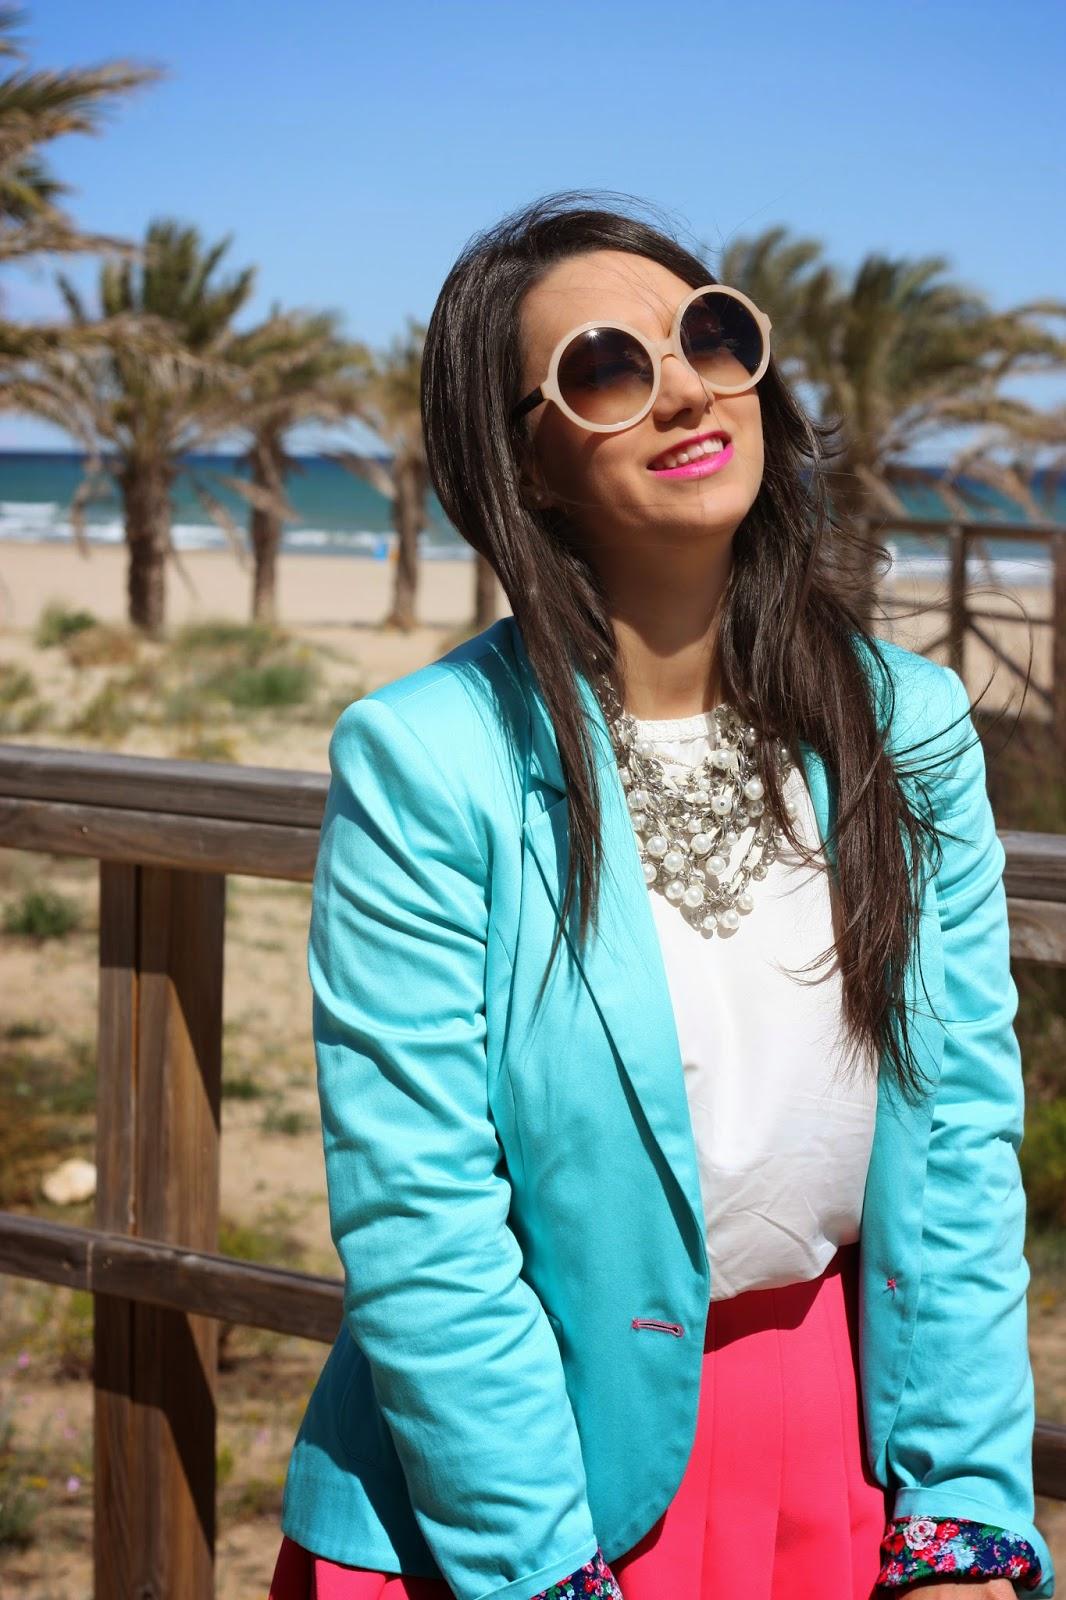 http://silviparalasamigas.blogspot.com.es/2014/03/falda-rosa-anuncio-h.html